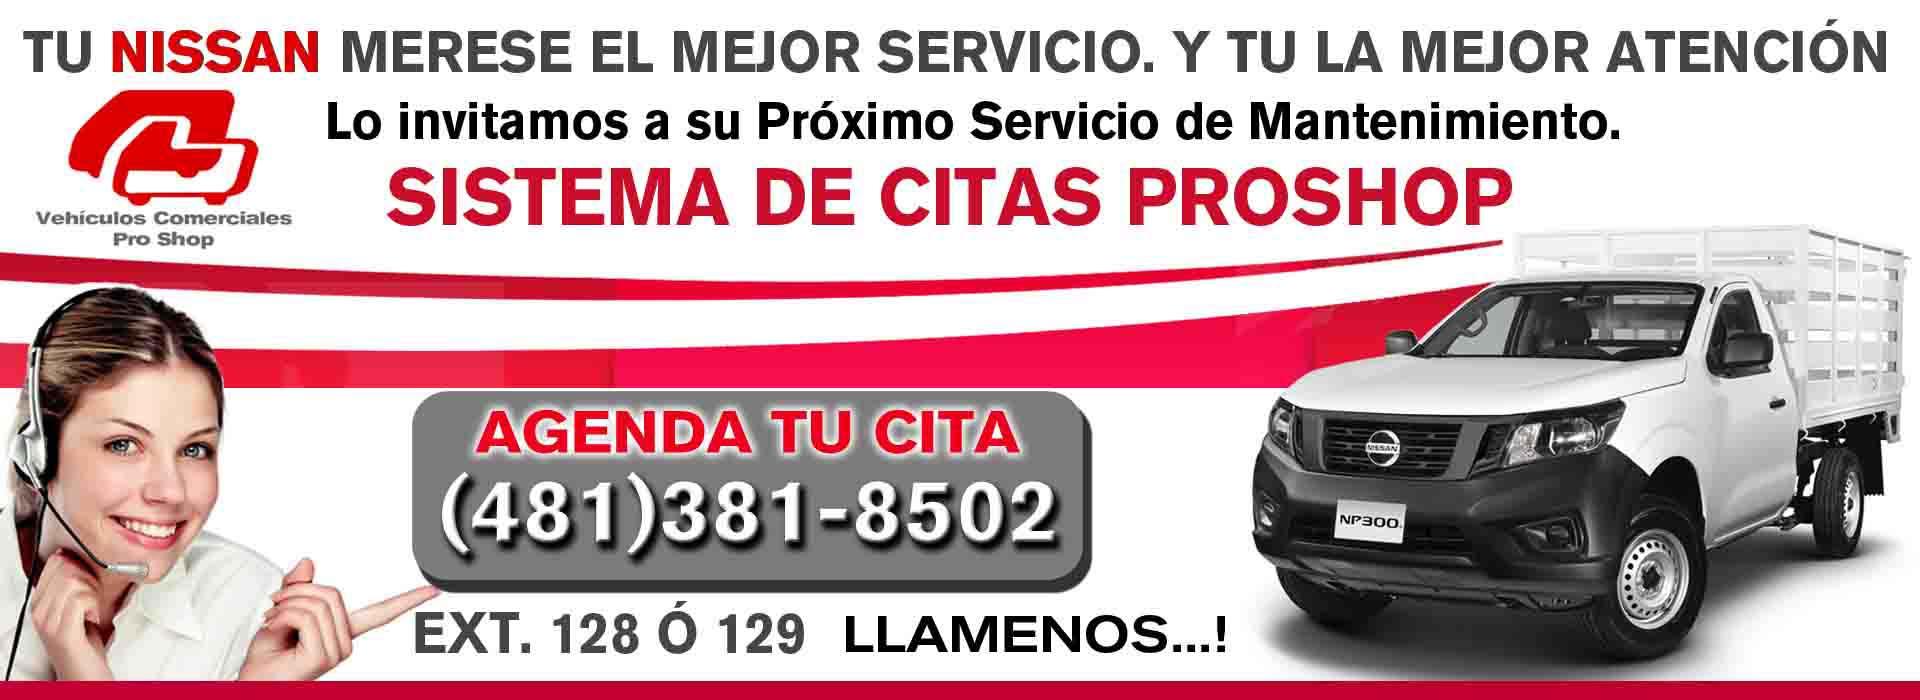 Citas Pro Shop